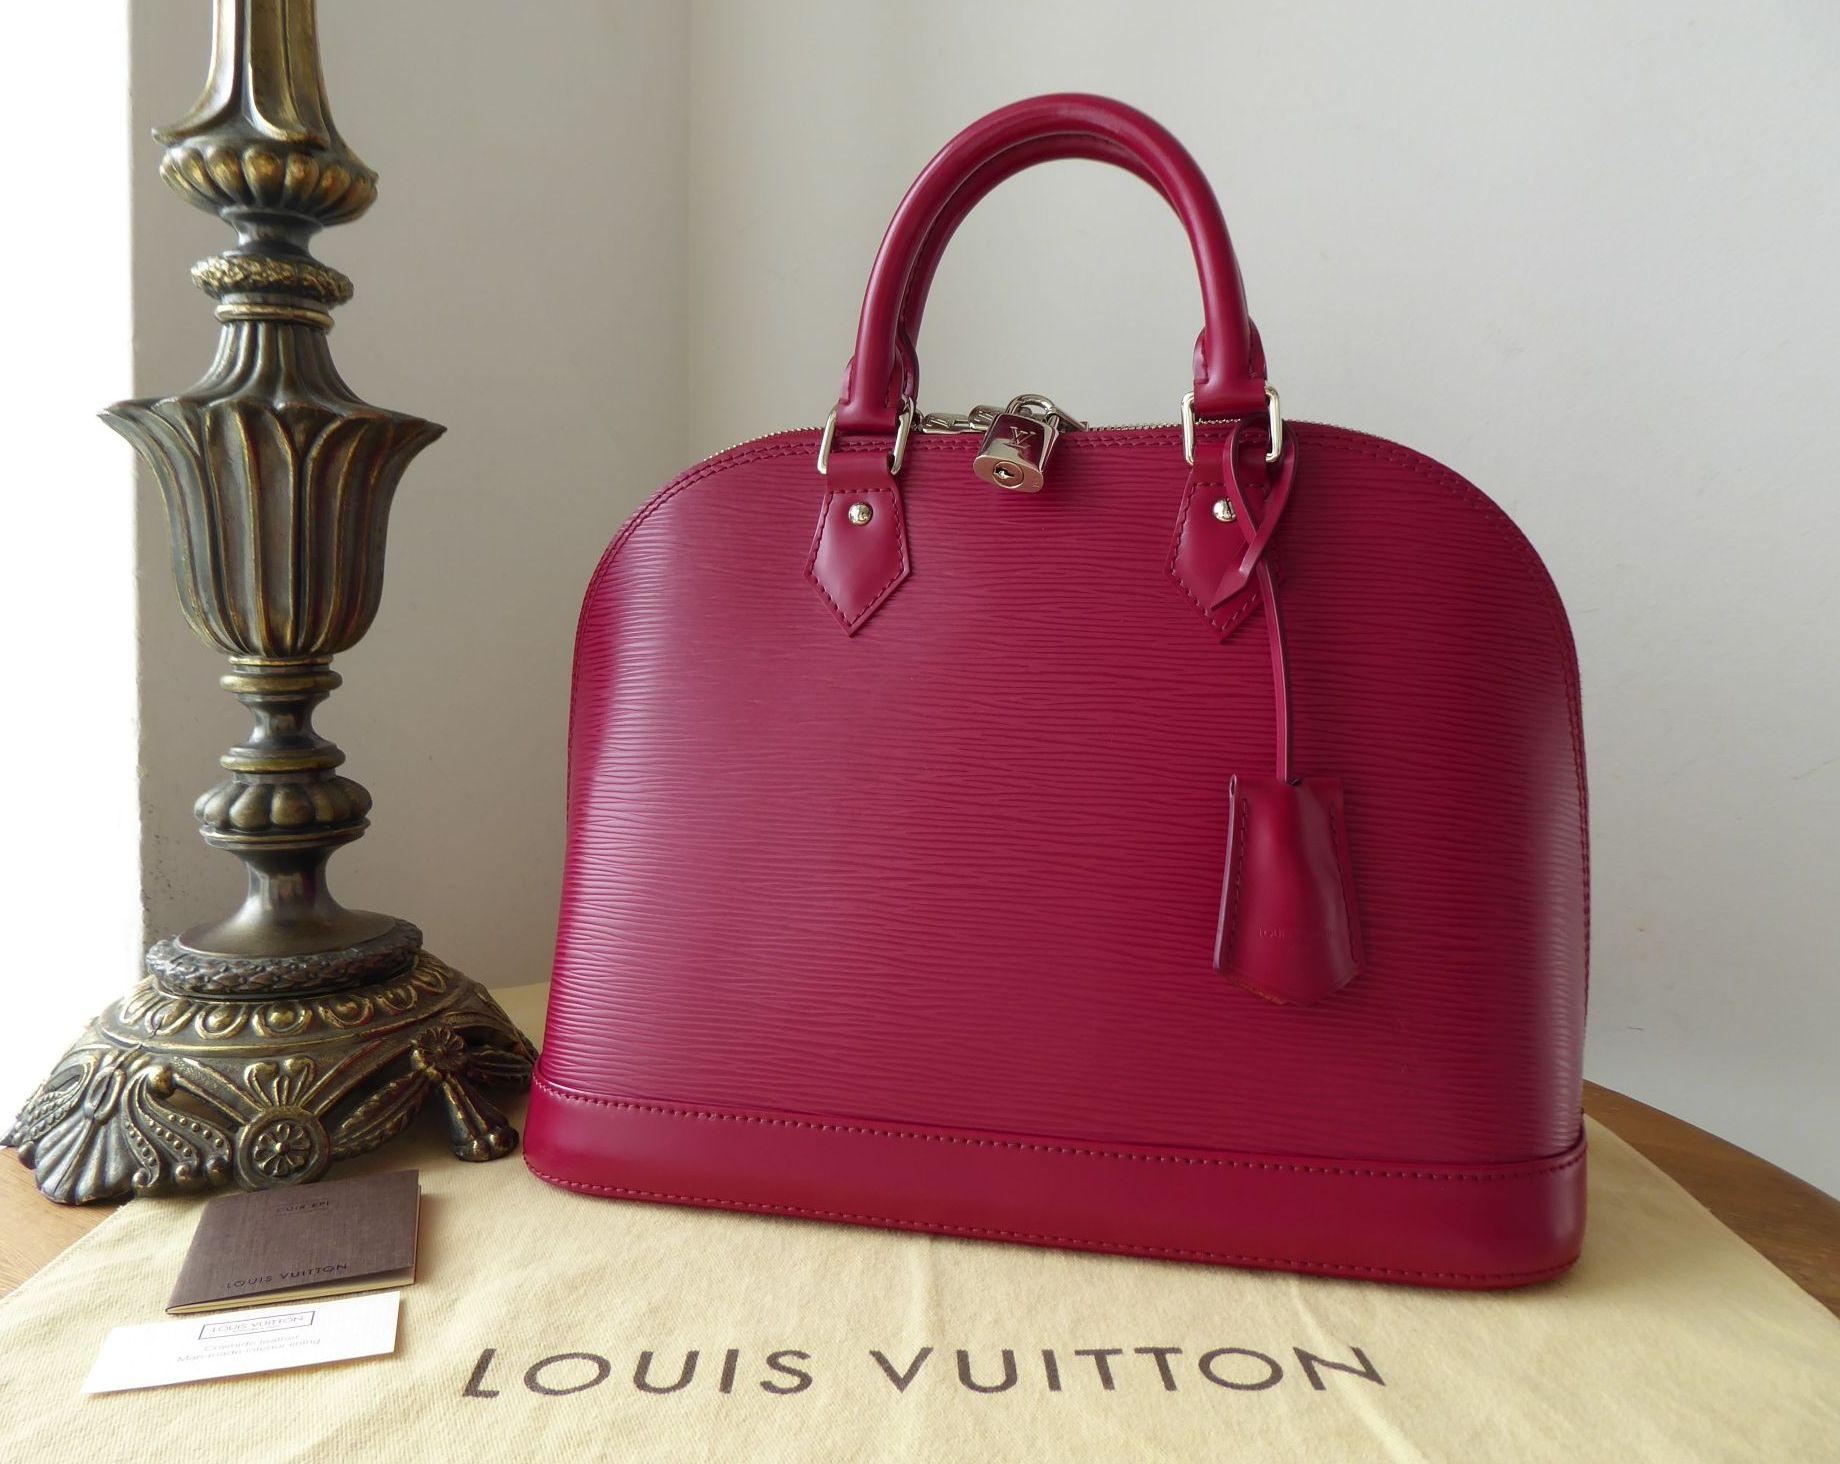 Louis Vuitton Alma PM in Epi Fuchsia